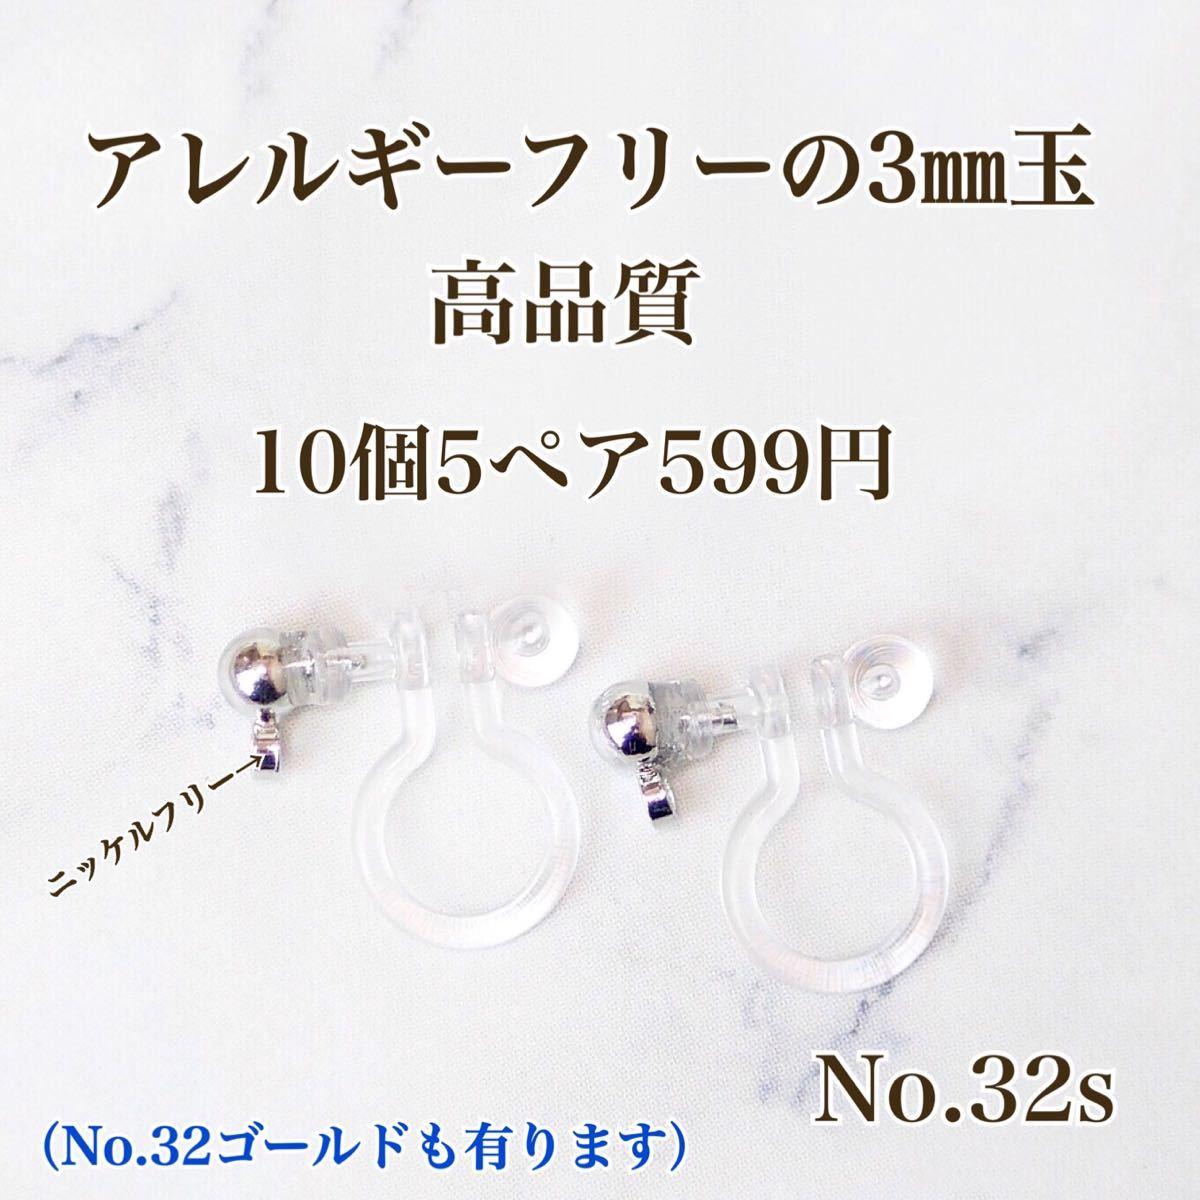 No.32 ノンホールピアス ゴールド ニッケルフリー パーツ 樹脂 ハンドメイド アクセサリーパーツ 丸玉